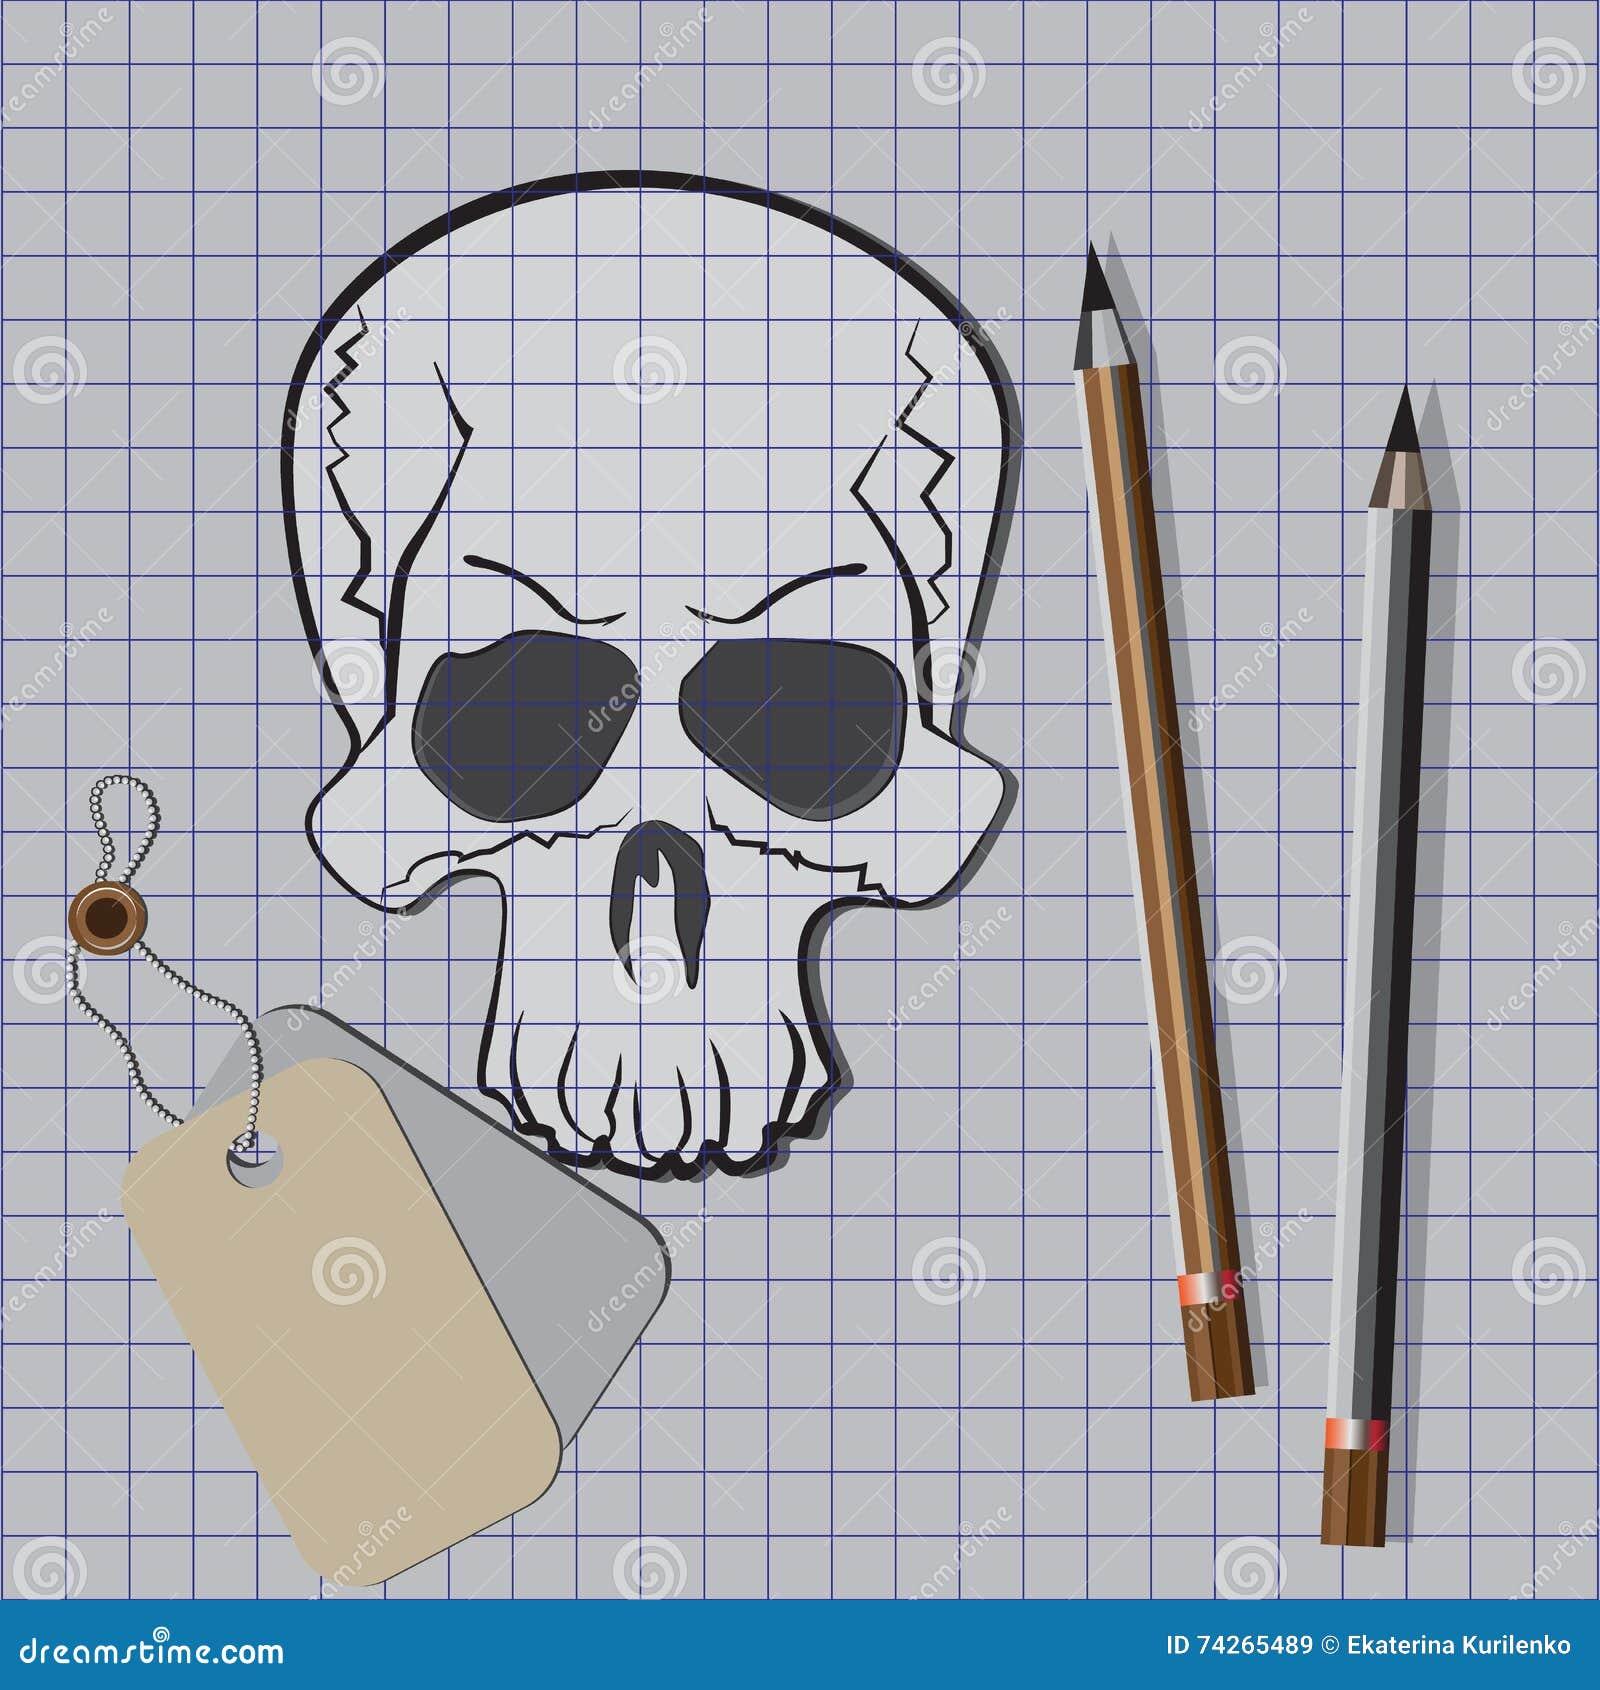 школе картинки с черепом в тетрадь нашем интернет-магазине есть